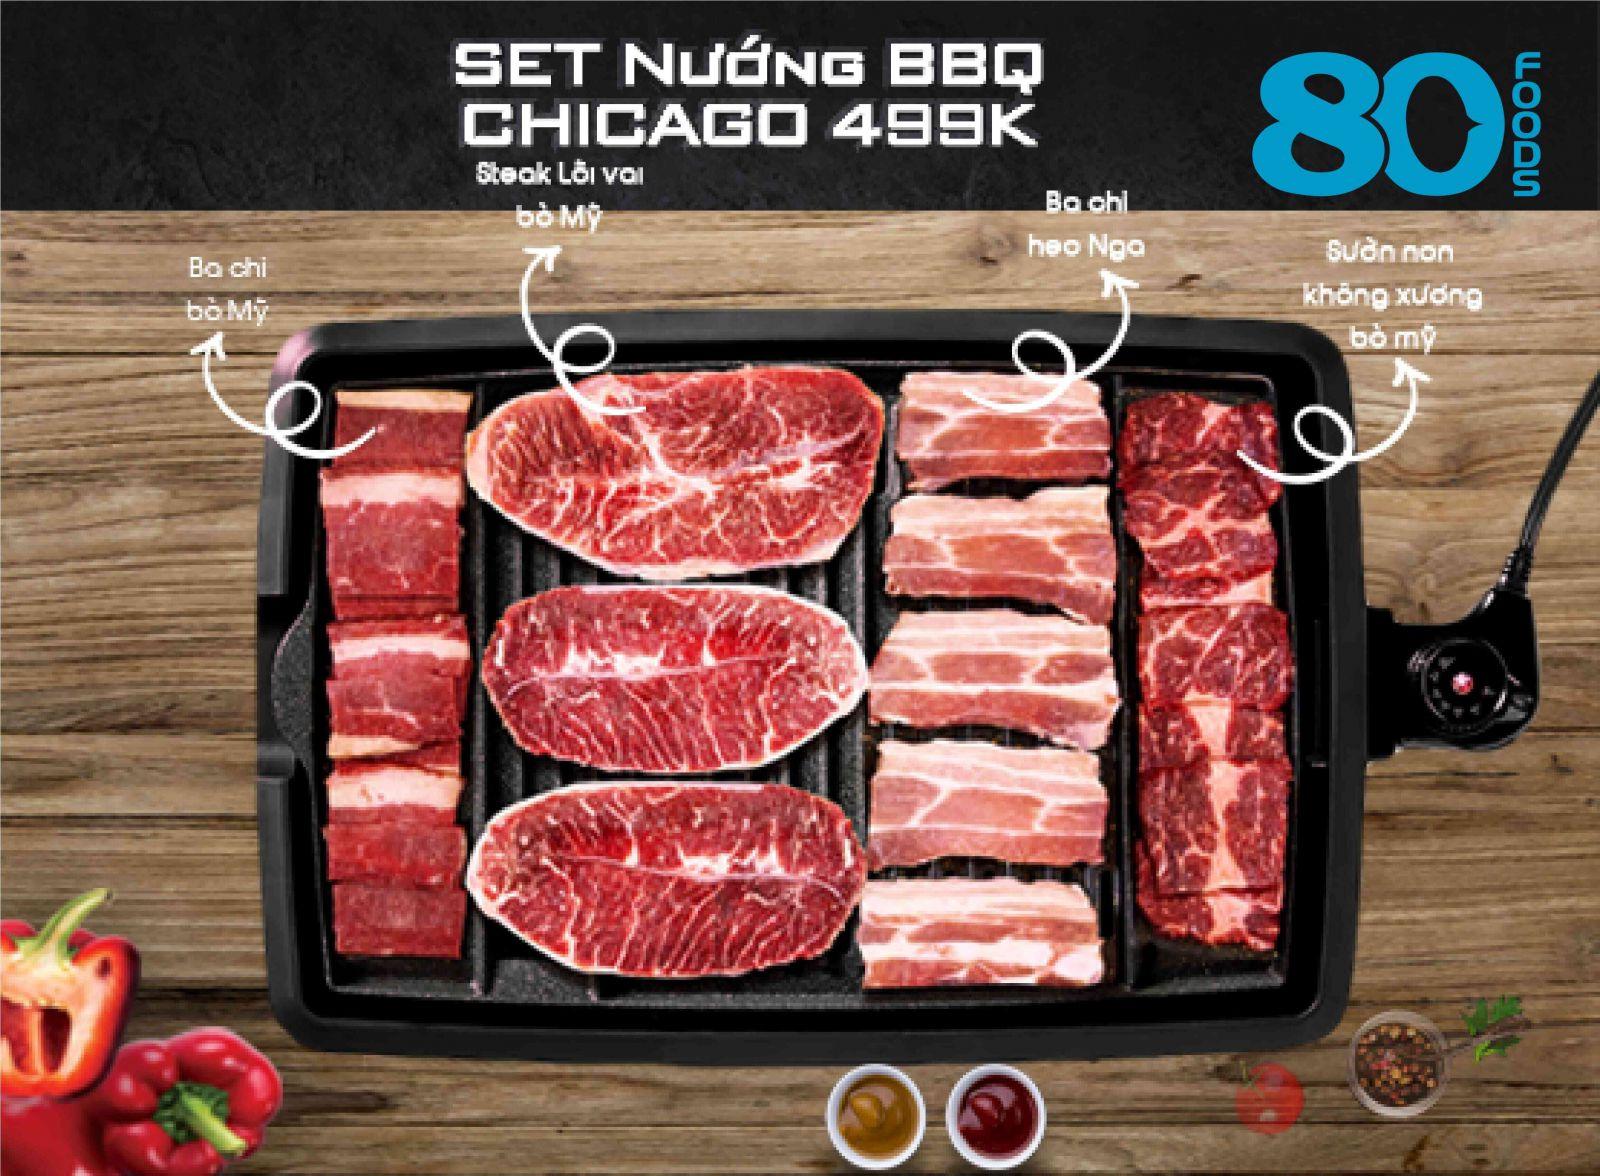 SET NƯỚNG BBQ CHICAGO (1,1KG)